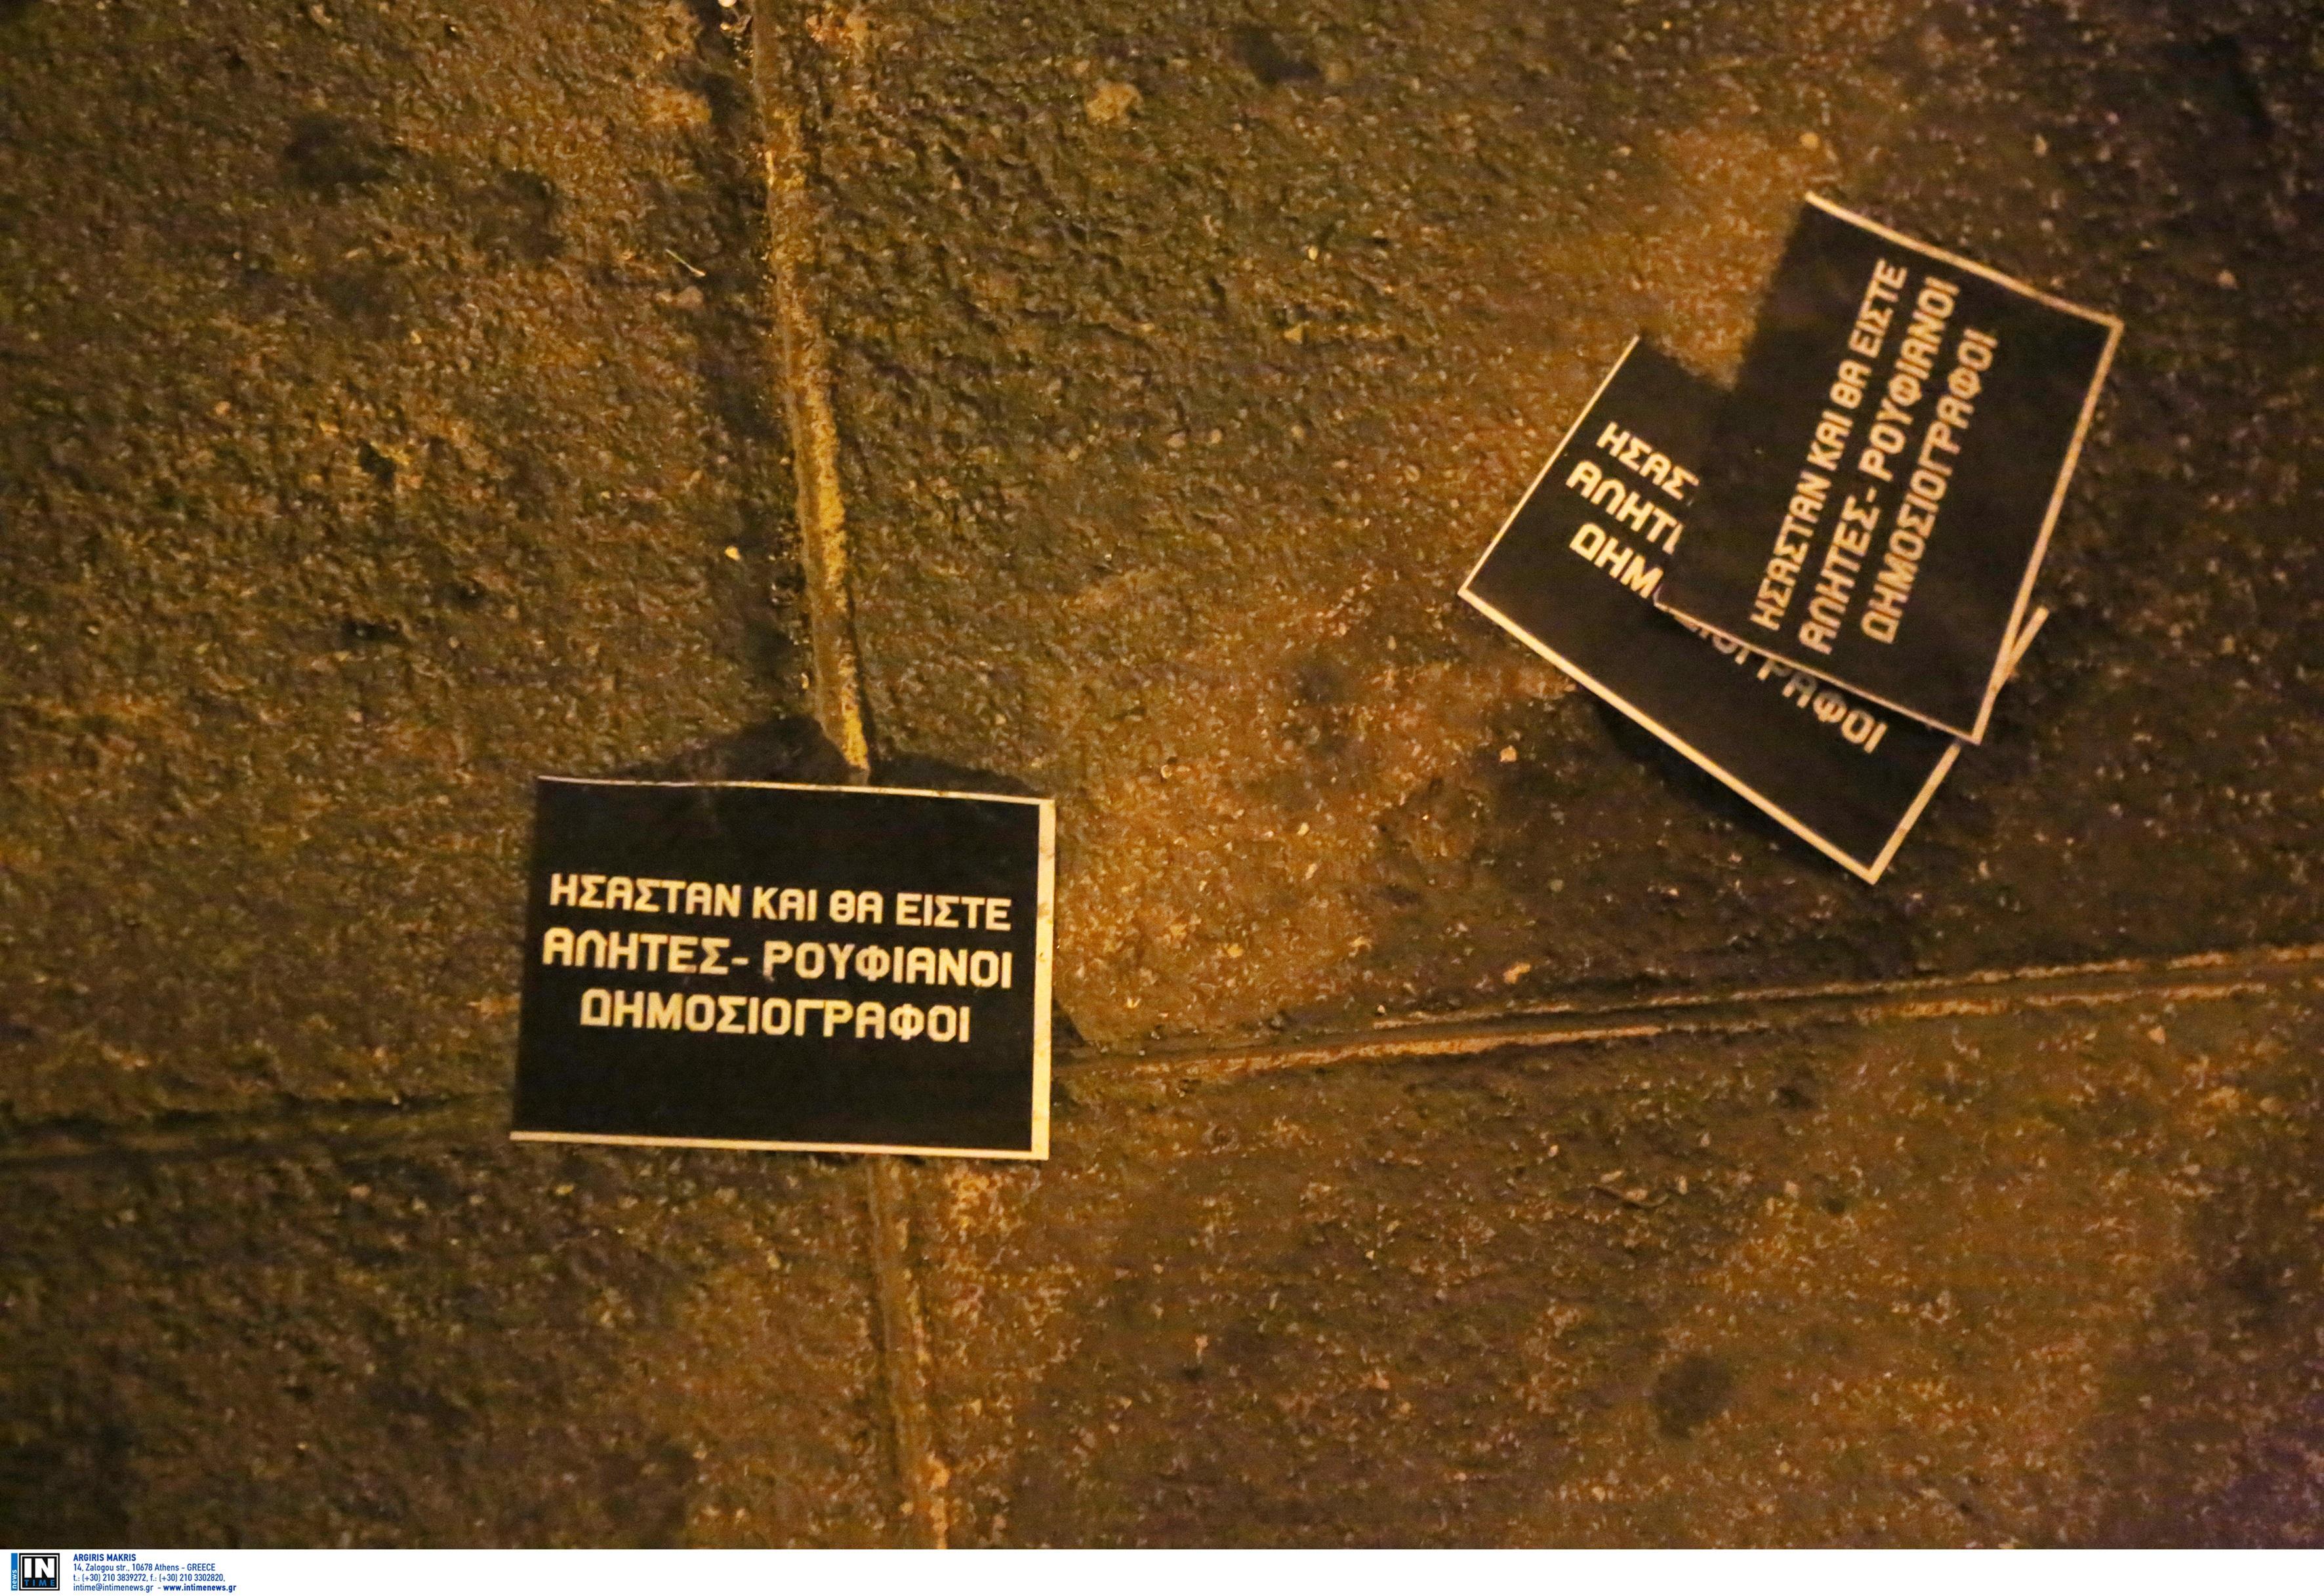 """Παρέμβαση με τρικάκια και συνθήματα στα γραφεία της εφημερίδας """"Δημοκρατία""""! Έγιναν δύο προσαγωγές [pics]"""